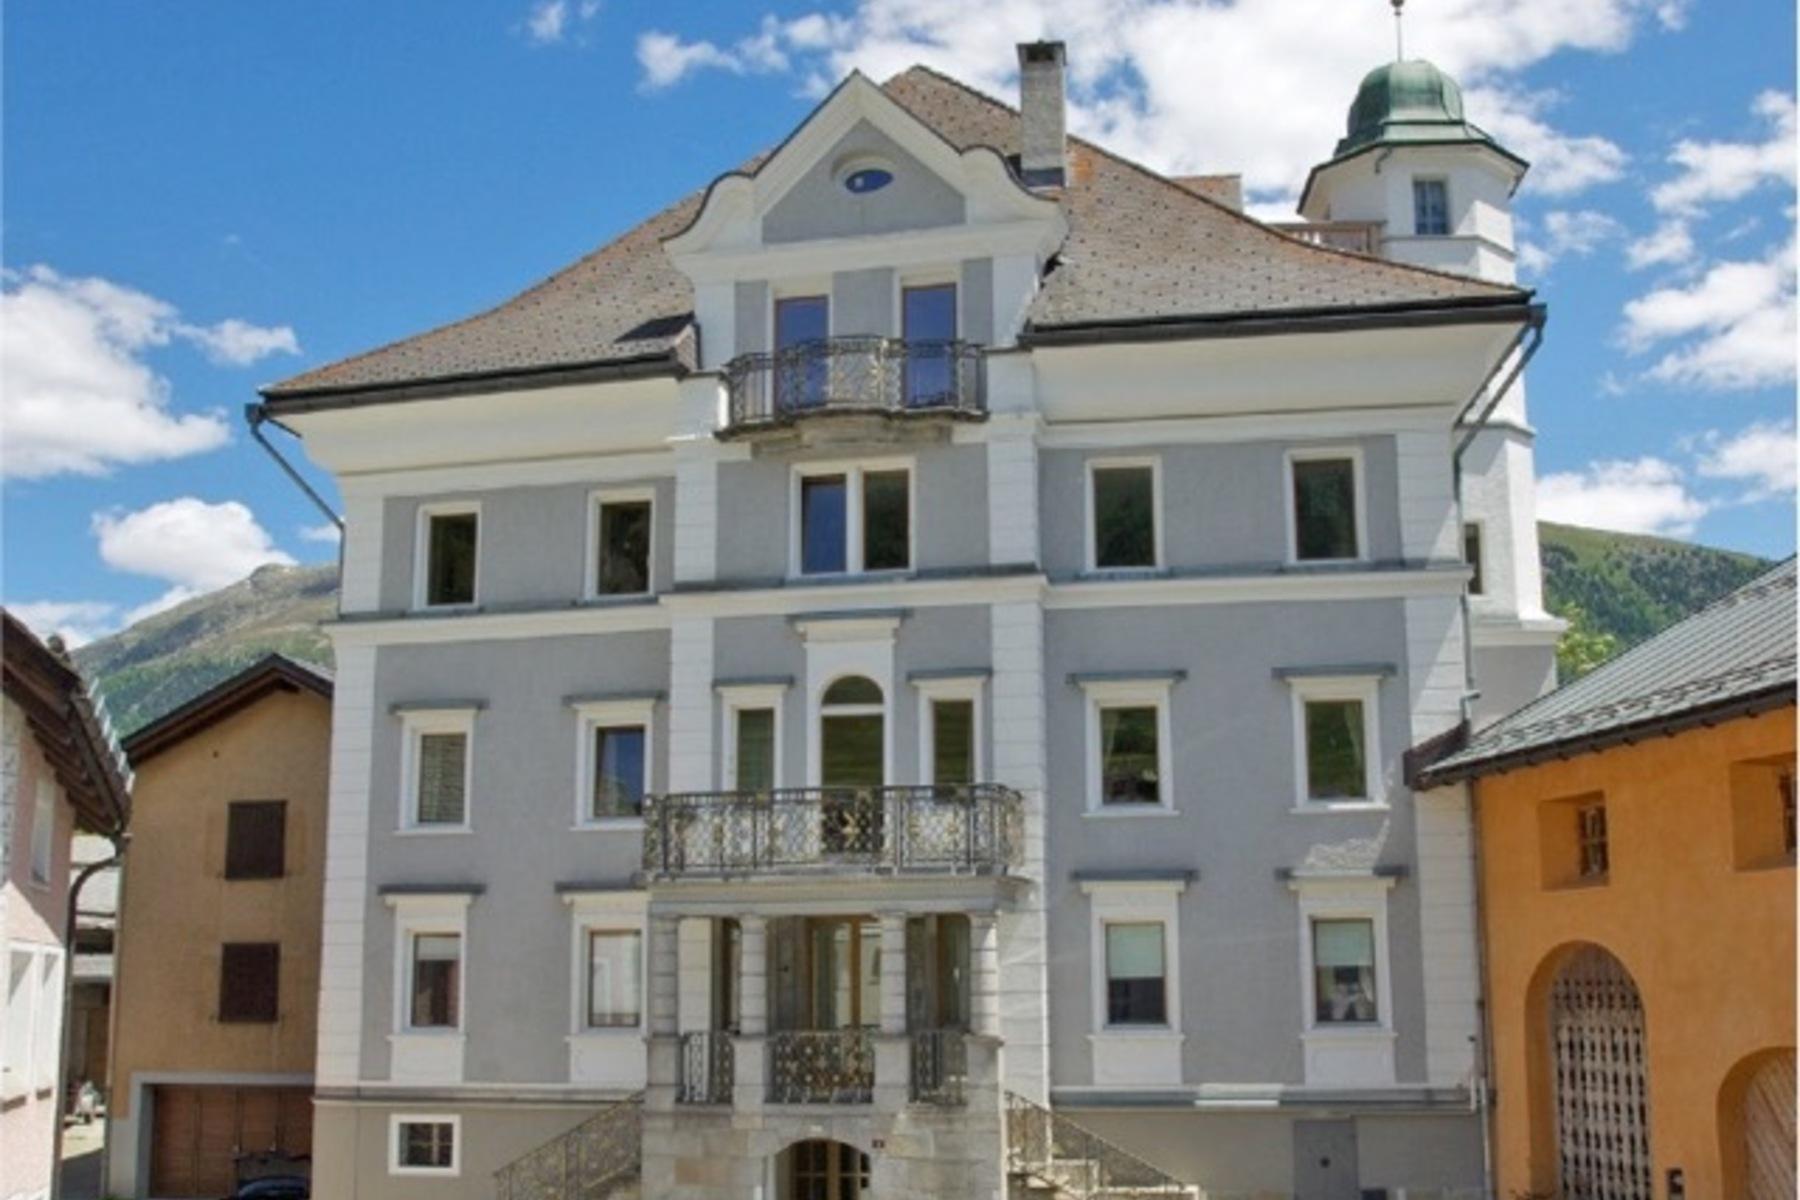 Dôi vì Bán tại Bright 6.5 room duplex apartment a Samedan Other Switzerland, Các Vùng Khác Ở Thụy Sĩ, 7503 Thụy Sĩ